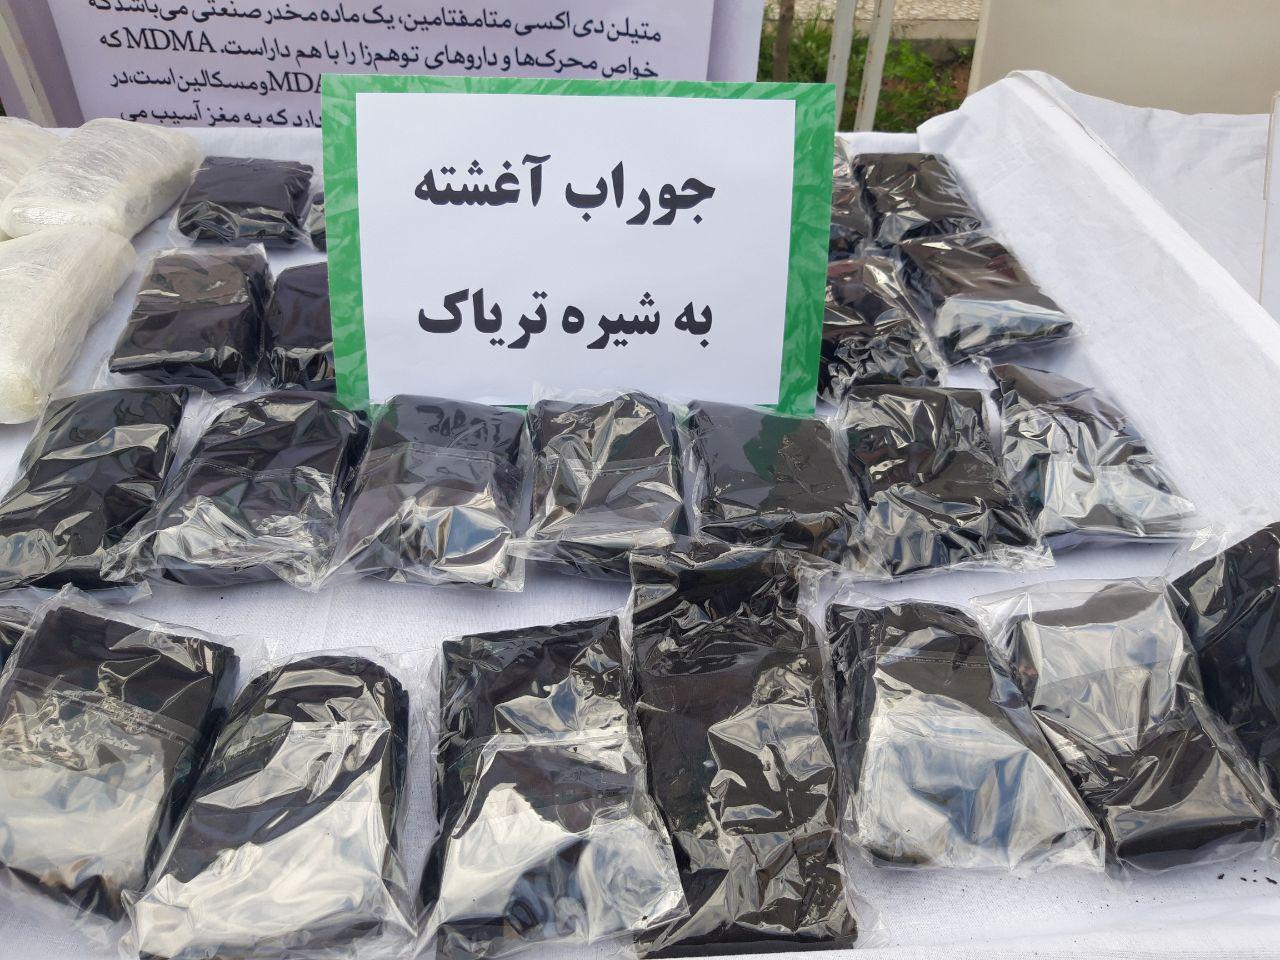 انهدام ۶ باند سازمان یافته و دستگیری ۷۱ قاچاقچی موادمخدر + عکس